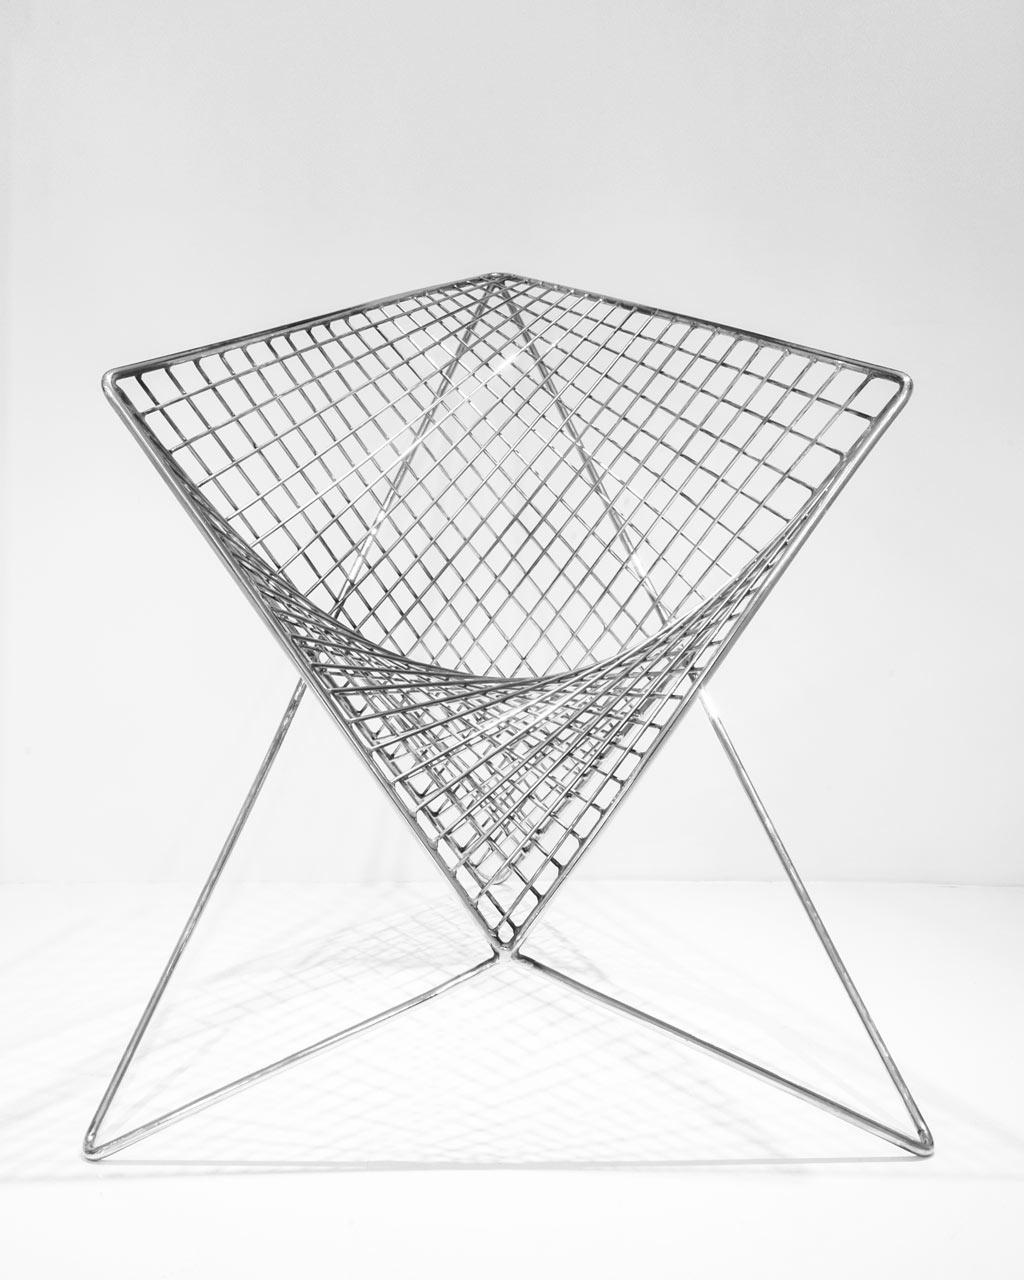 parabola-chair-carlo-aiello-3